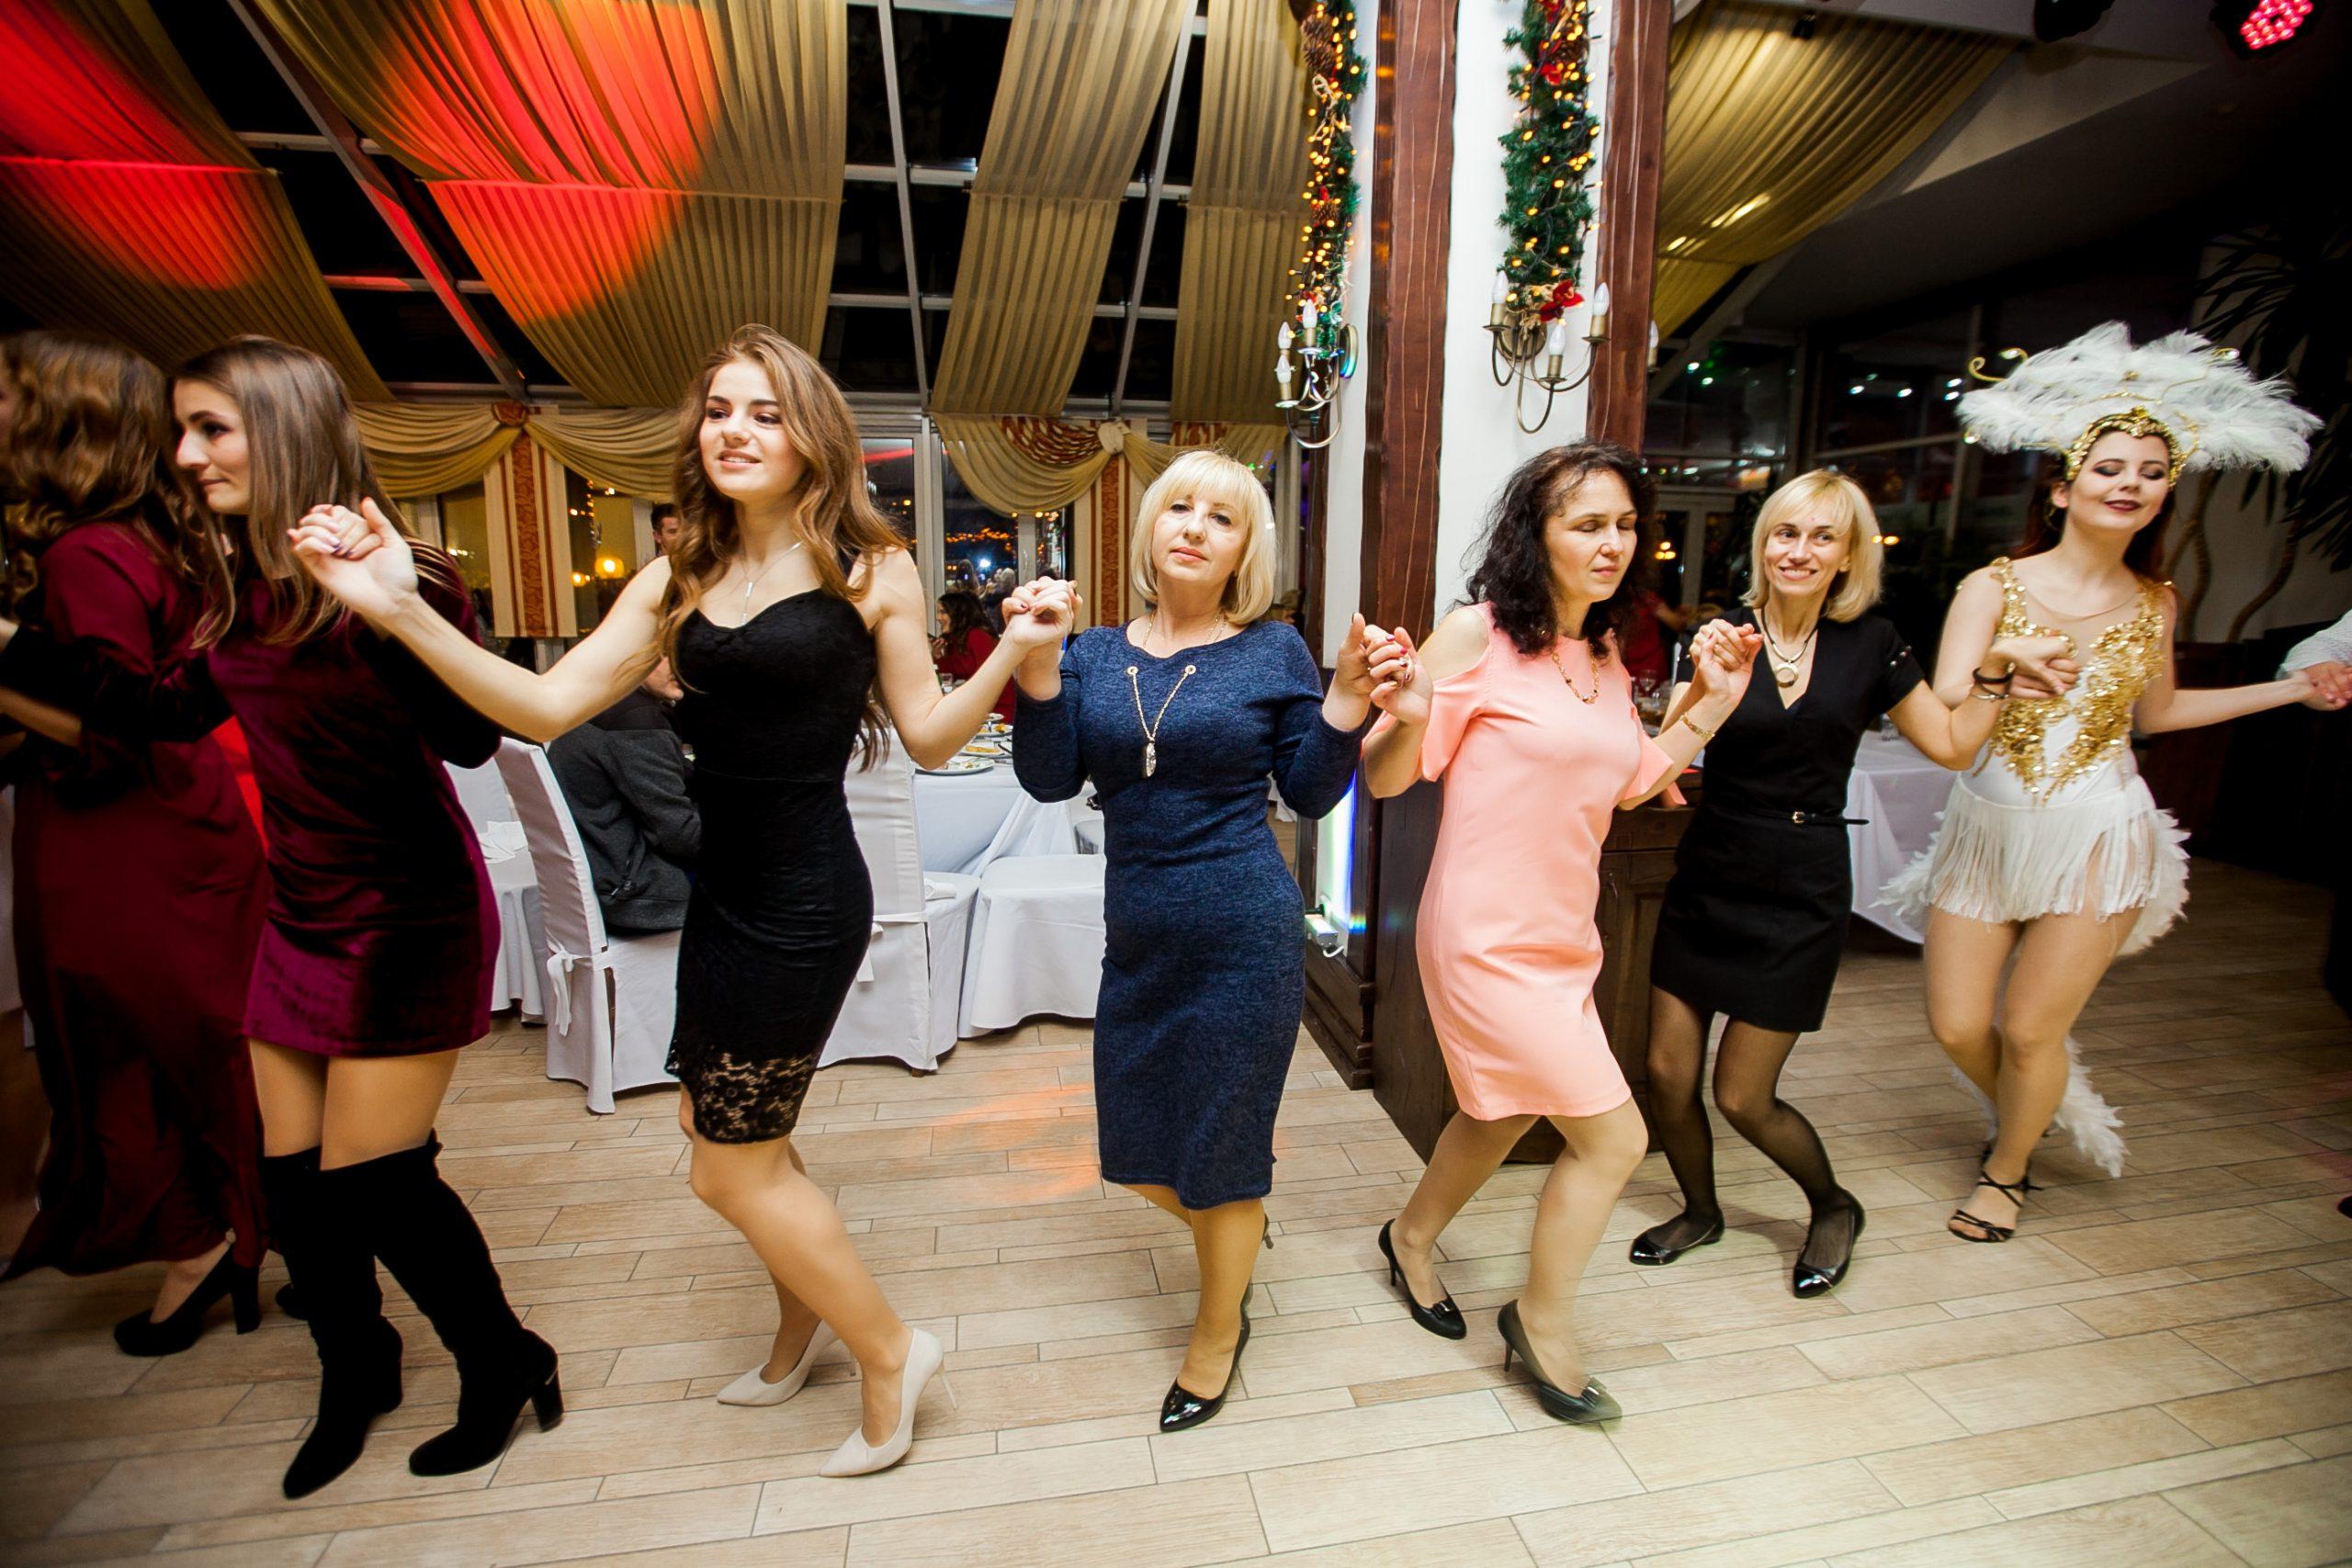 девушки танцуют на женском корпоративе